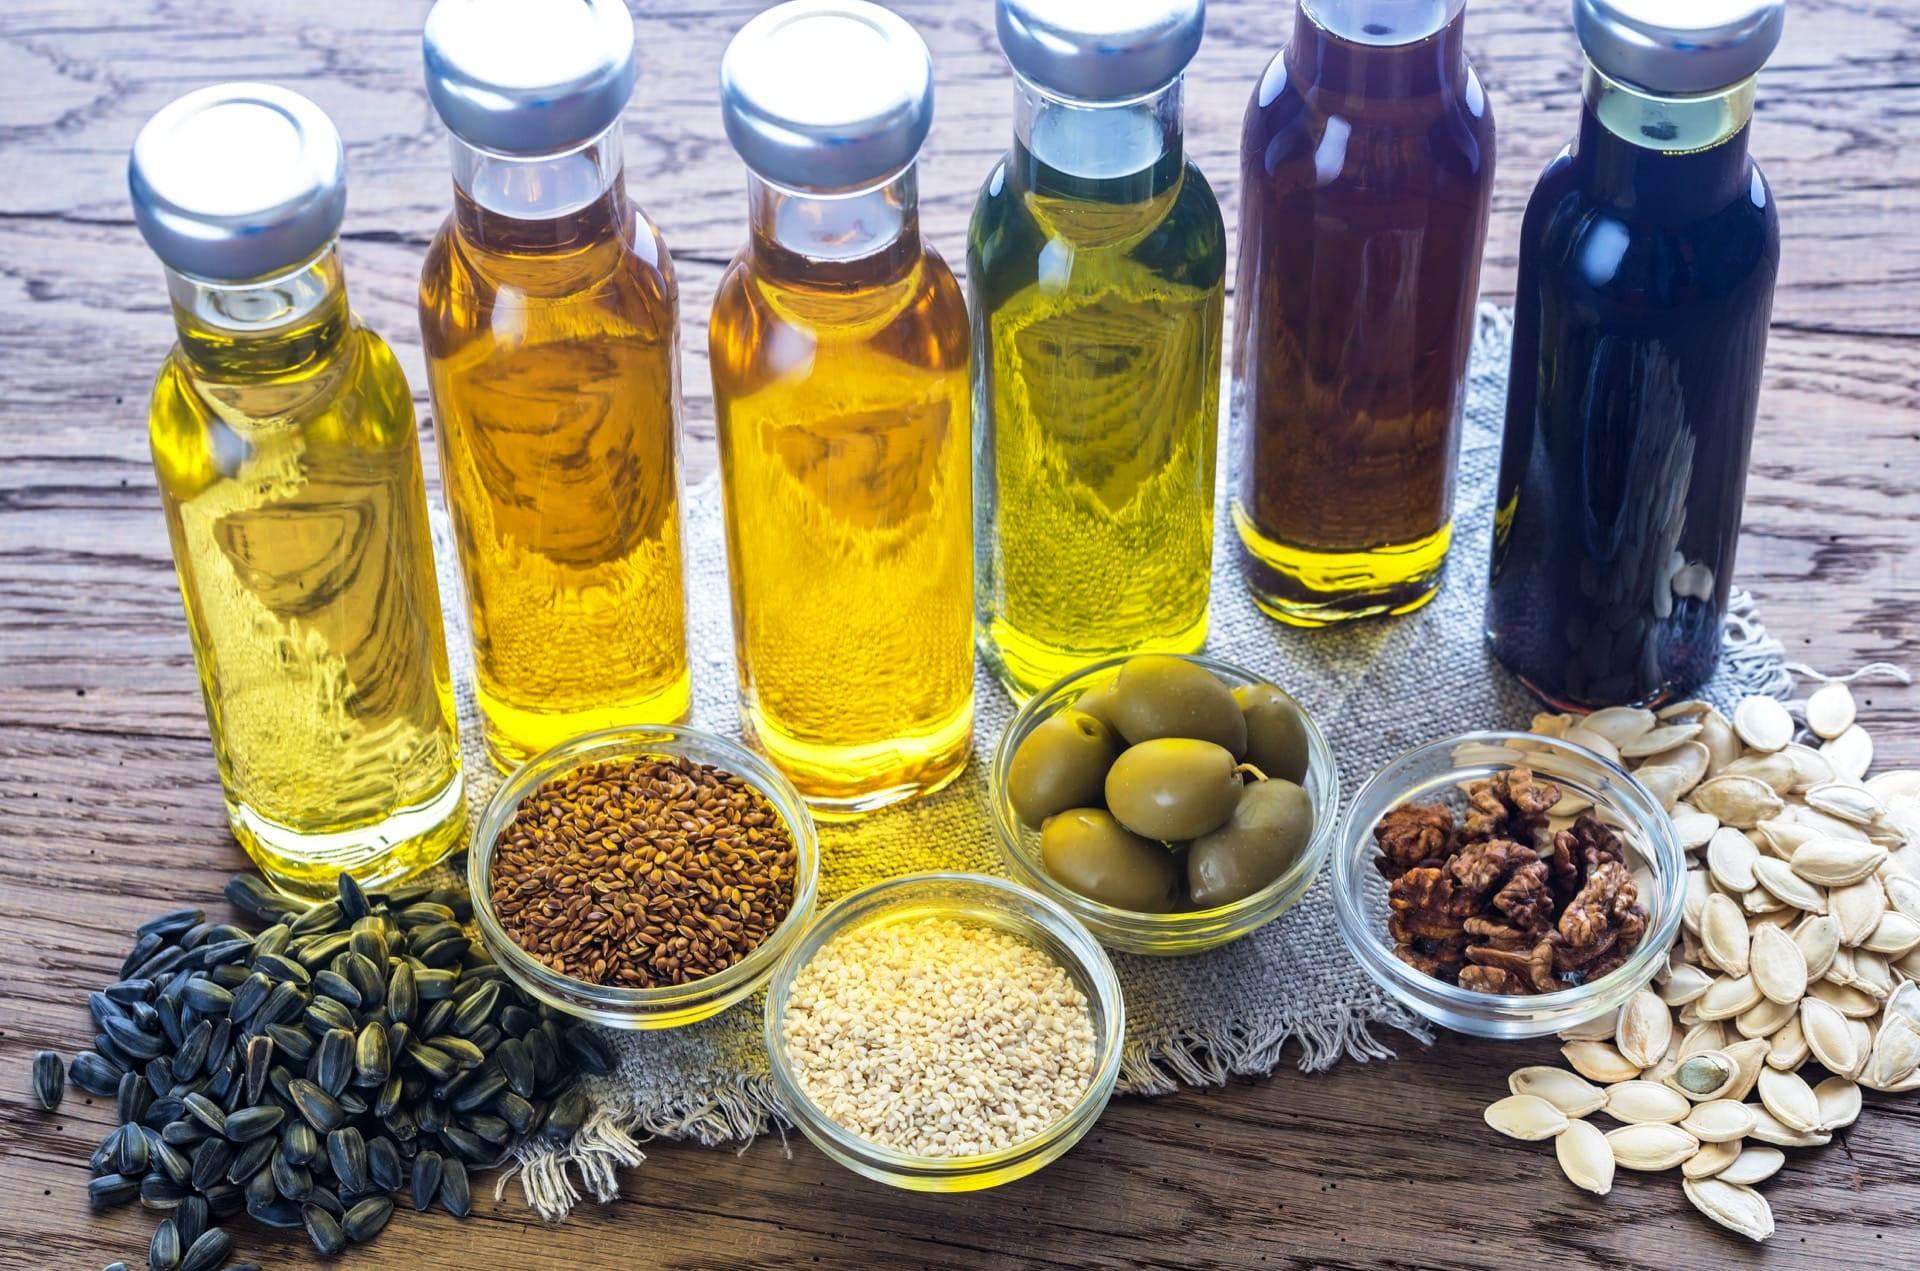 Manakah Minyak Yang Baik Untuk Mencegah Kolesterol?